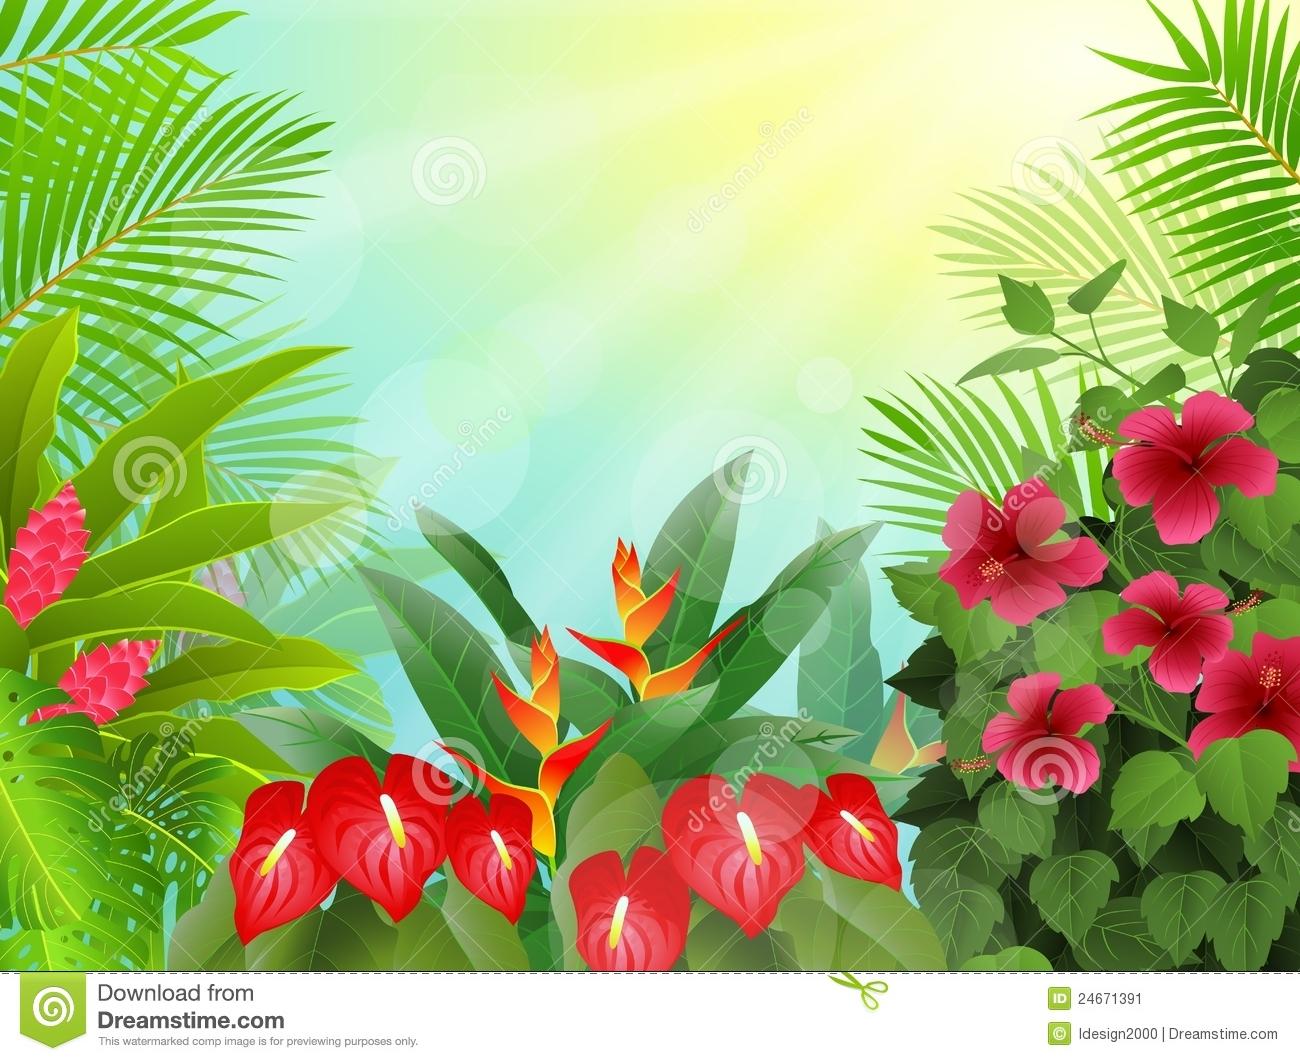 Wallpaper clipart tropical Tropical Wallpaper Clip Art Hawaiian